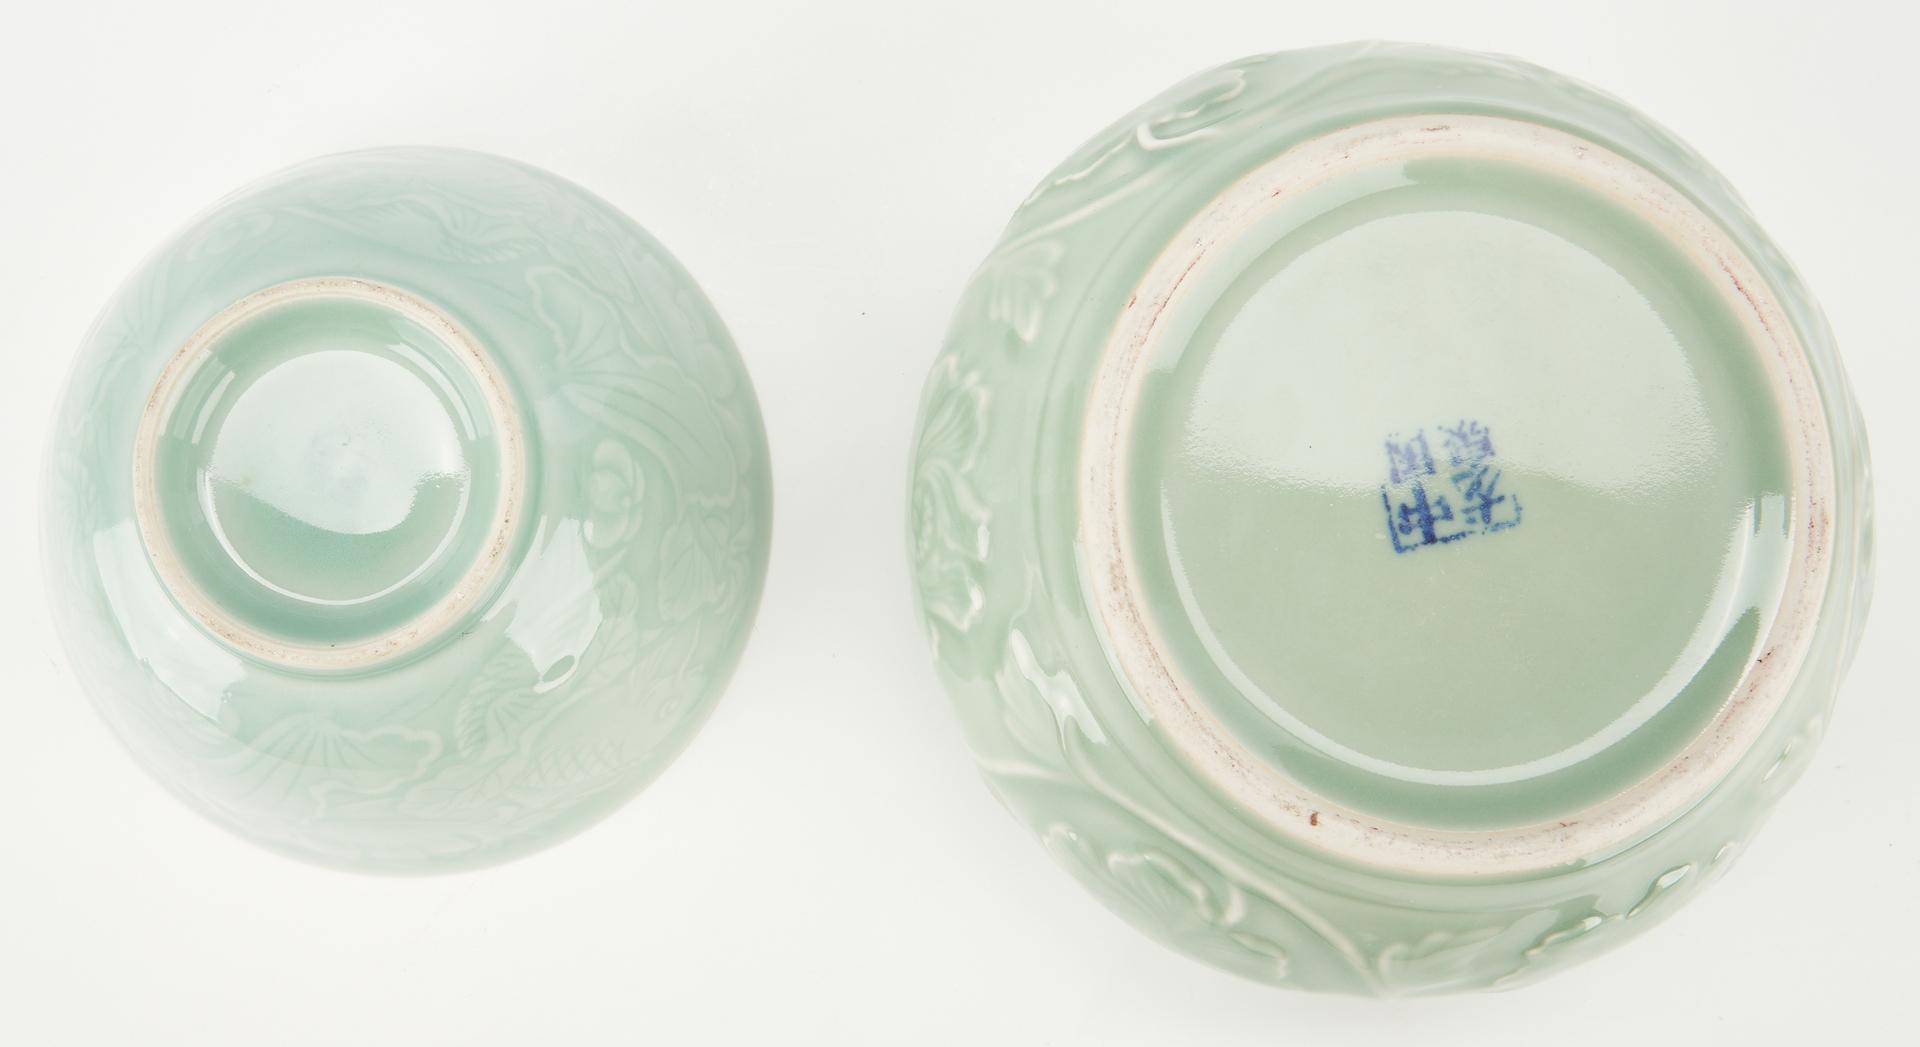 Lot 1179: 4 Asian Porcelain Items, incl. Celadon Glaze